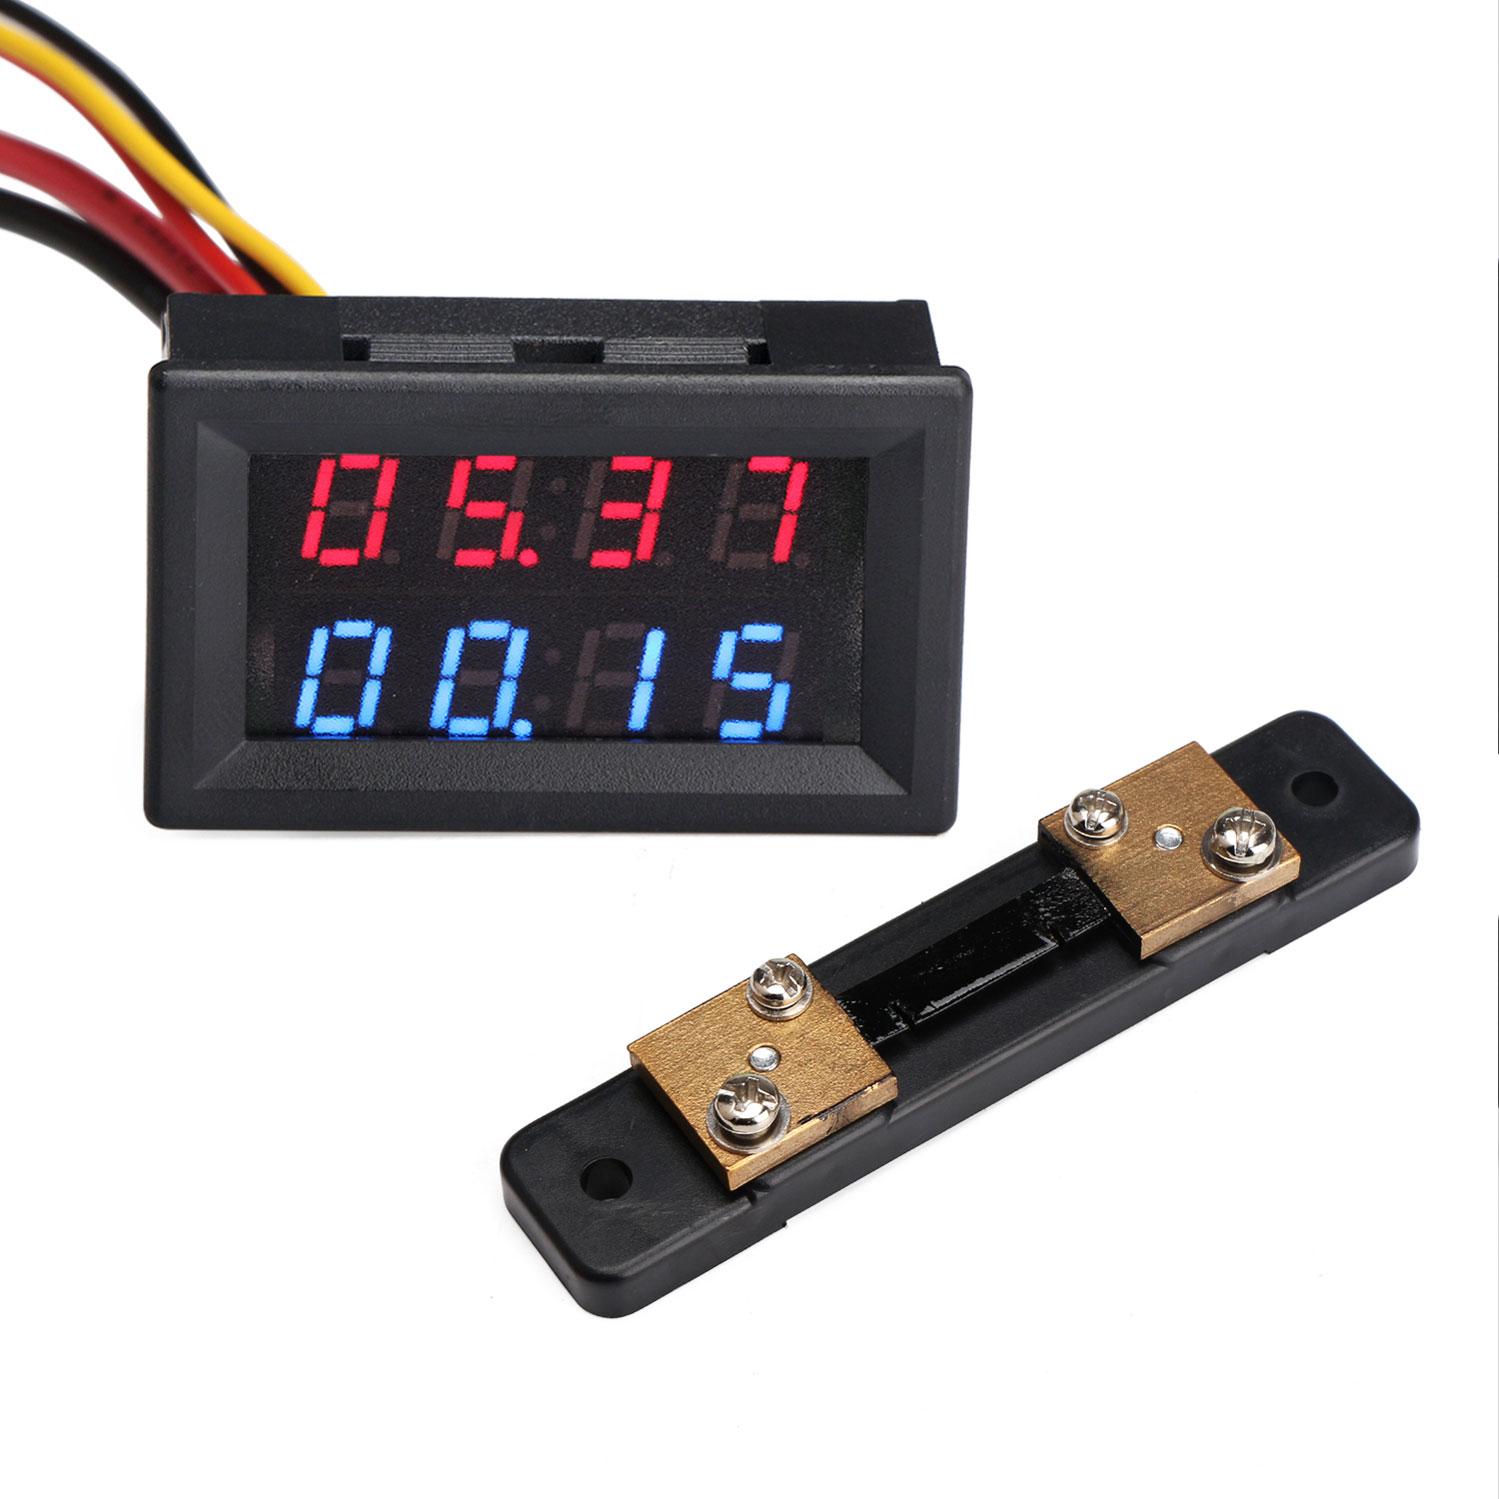 CrocSee DC 0~300V Digital Voltmeter and DC 0-10A Digital Ammeter